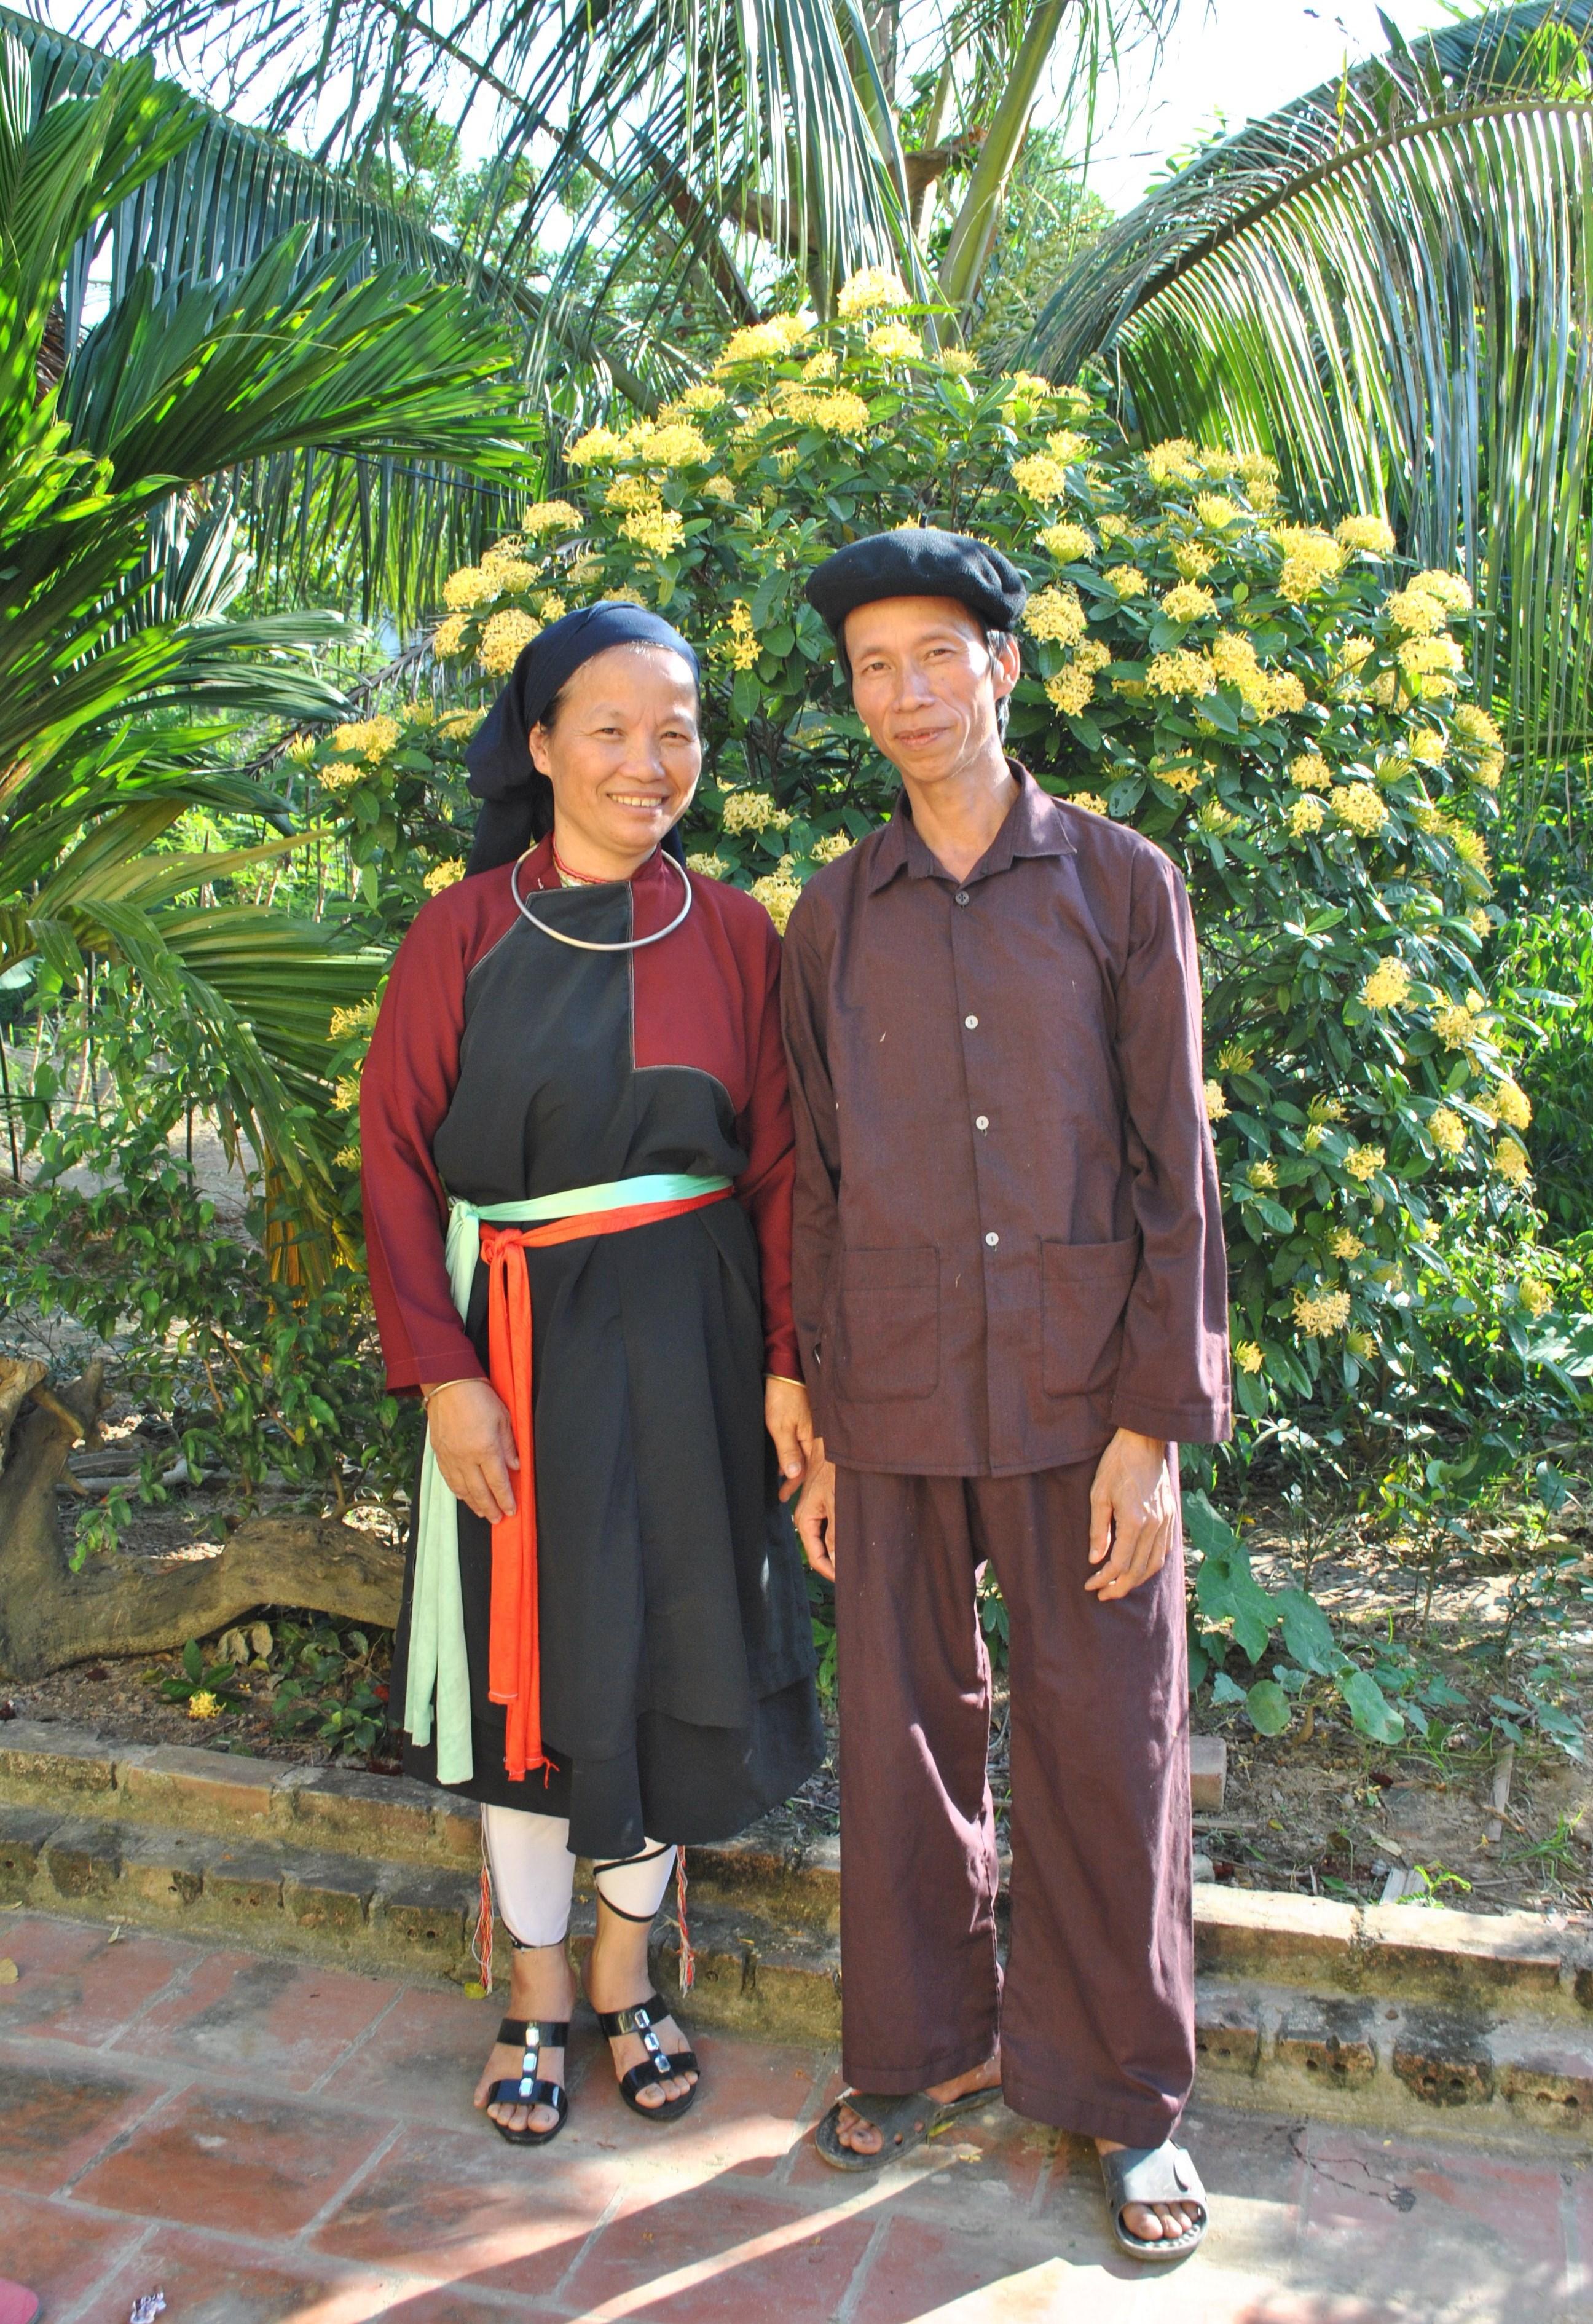 Nghệ nhân Ưu tú Hoàng Giang Lâm cùng vợ trong trang phục truyền thống dân tộc Cao Lan